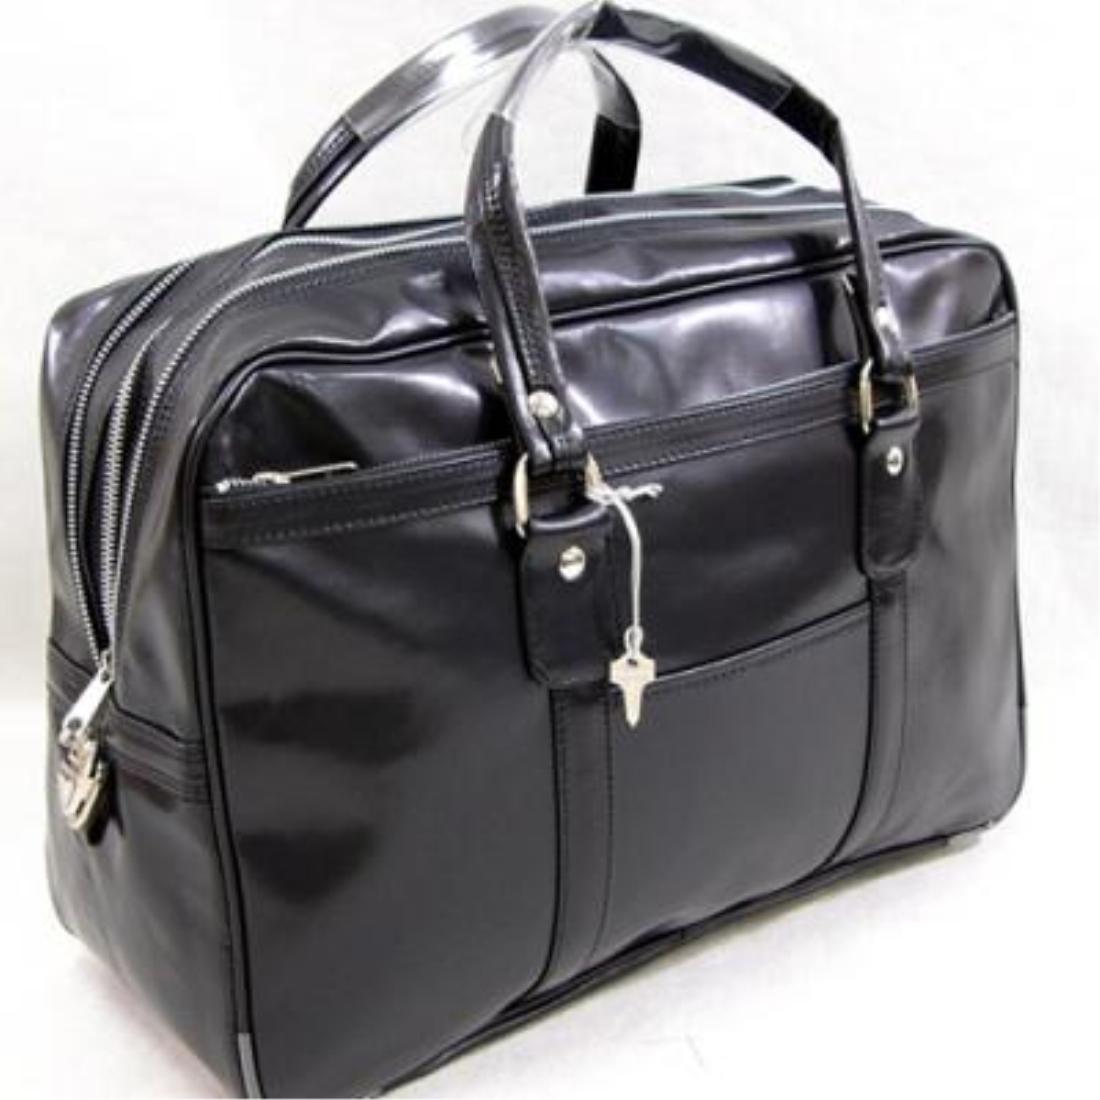 おしゃれ デザイン 日本 ボストン バッグ 鞄 銀行 ビジネス国産銀行ボストンバッグ ブラック